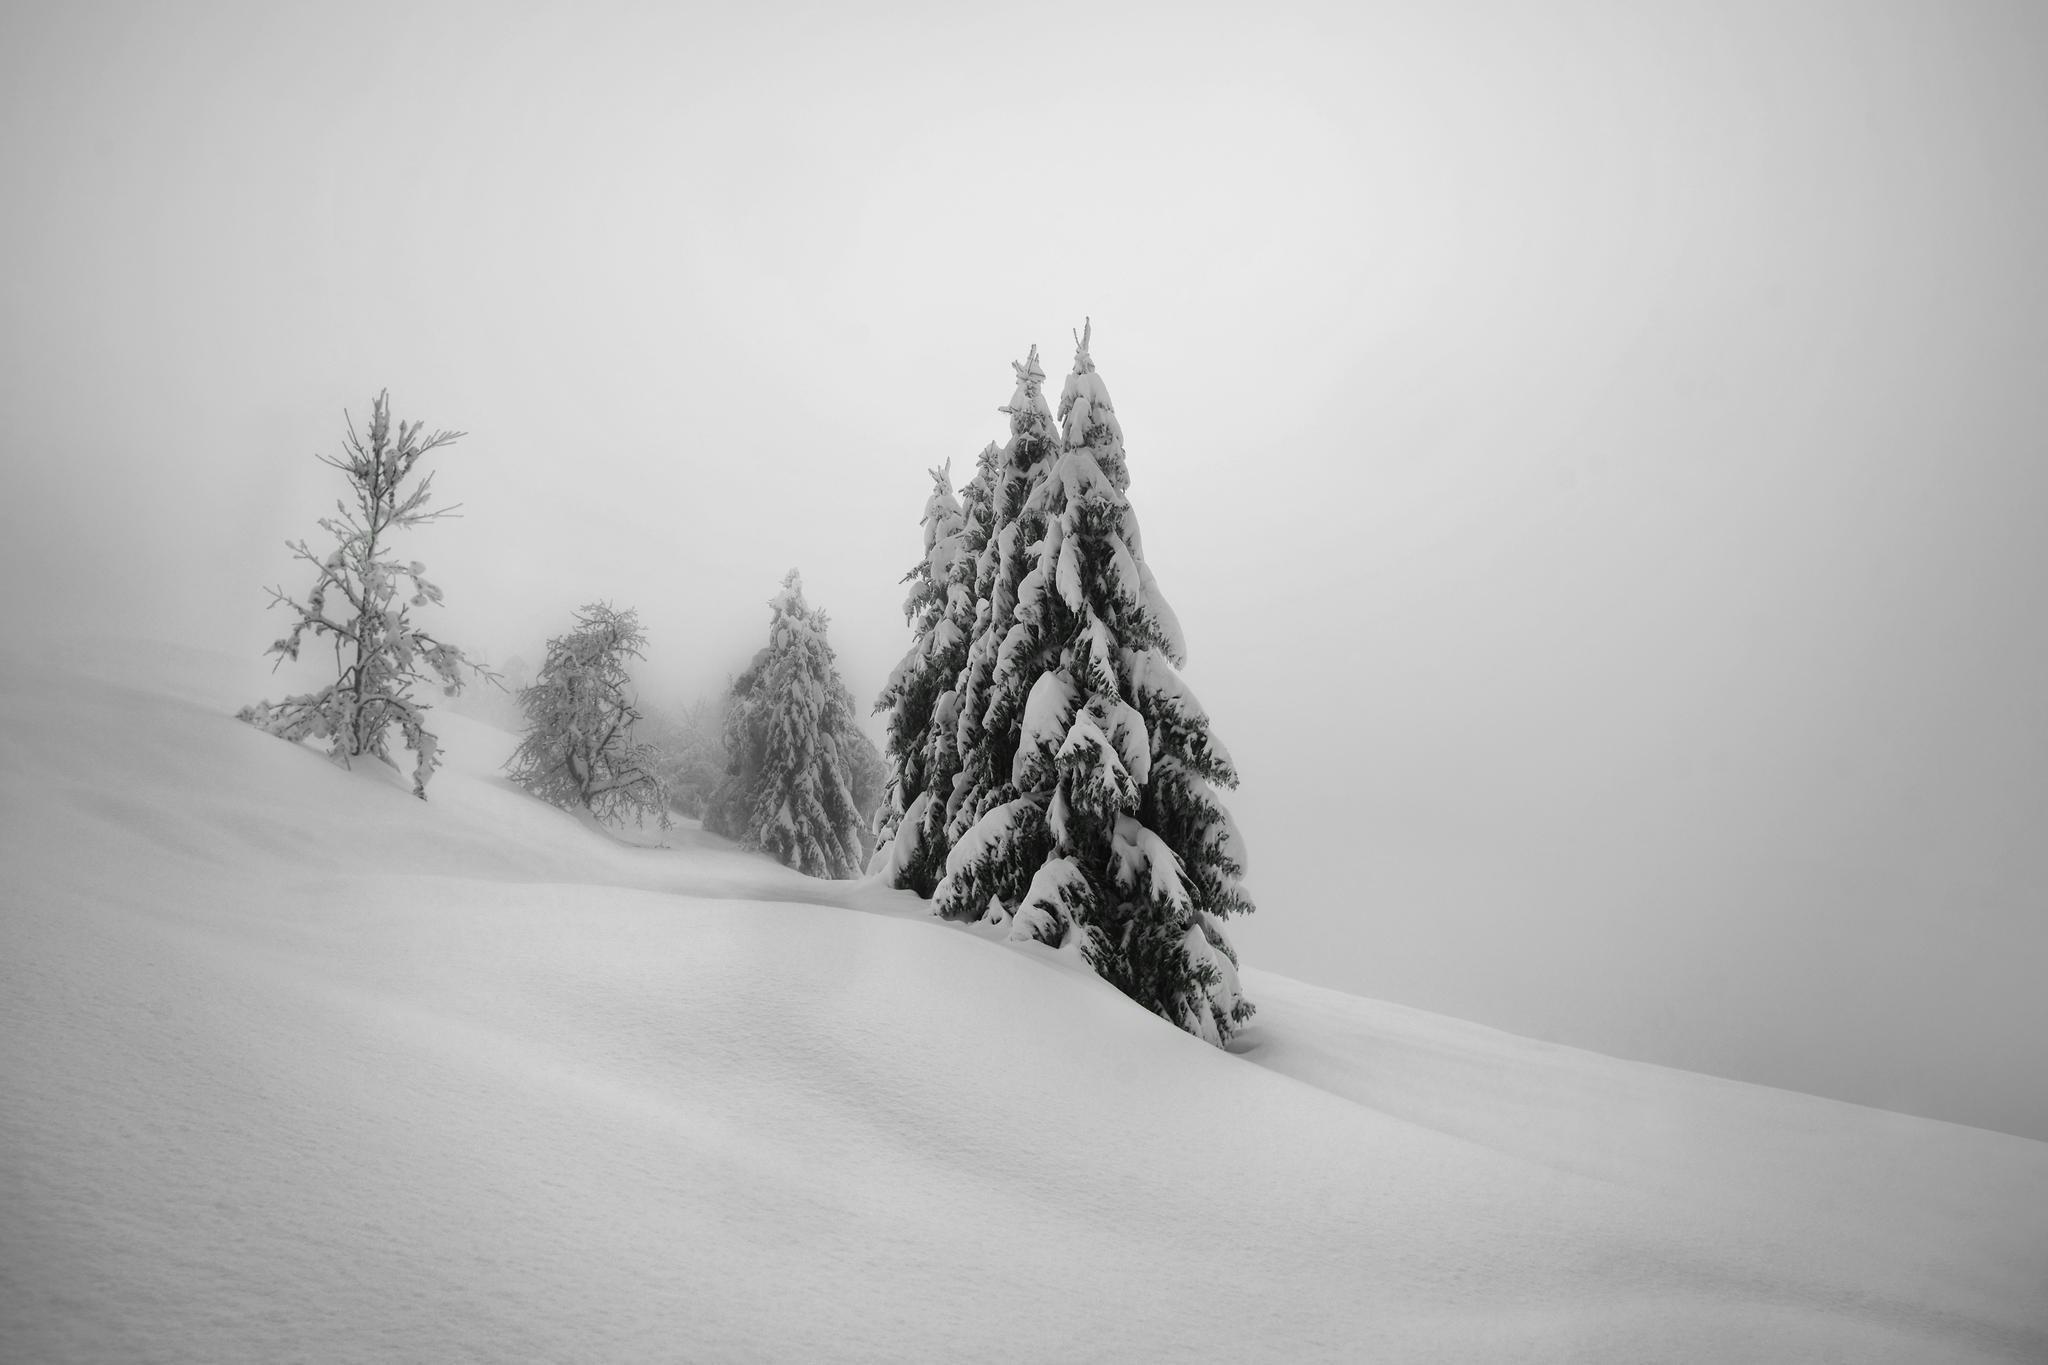 fond d 39 cran des arbres paysage dessin monochrome neige hiver brouillard gel arbre. Black Bedroom Furniture Sets. Home Design Ideas